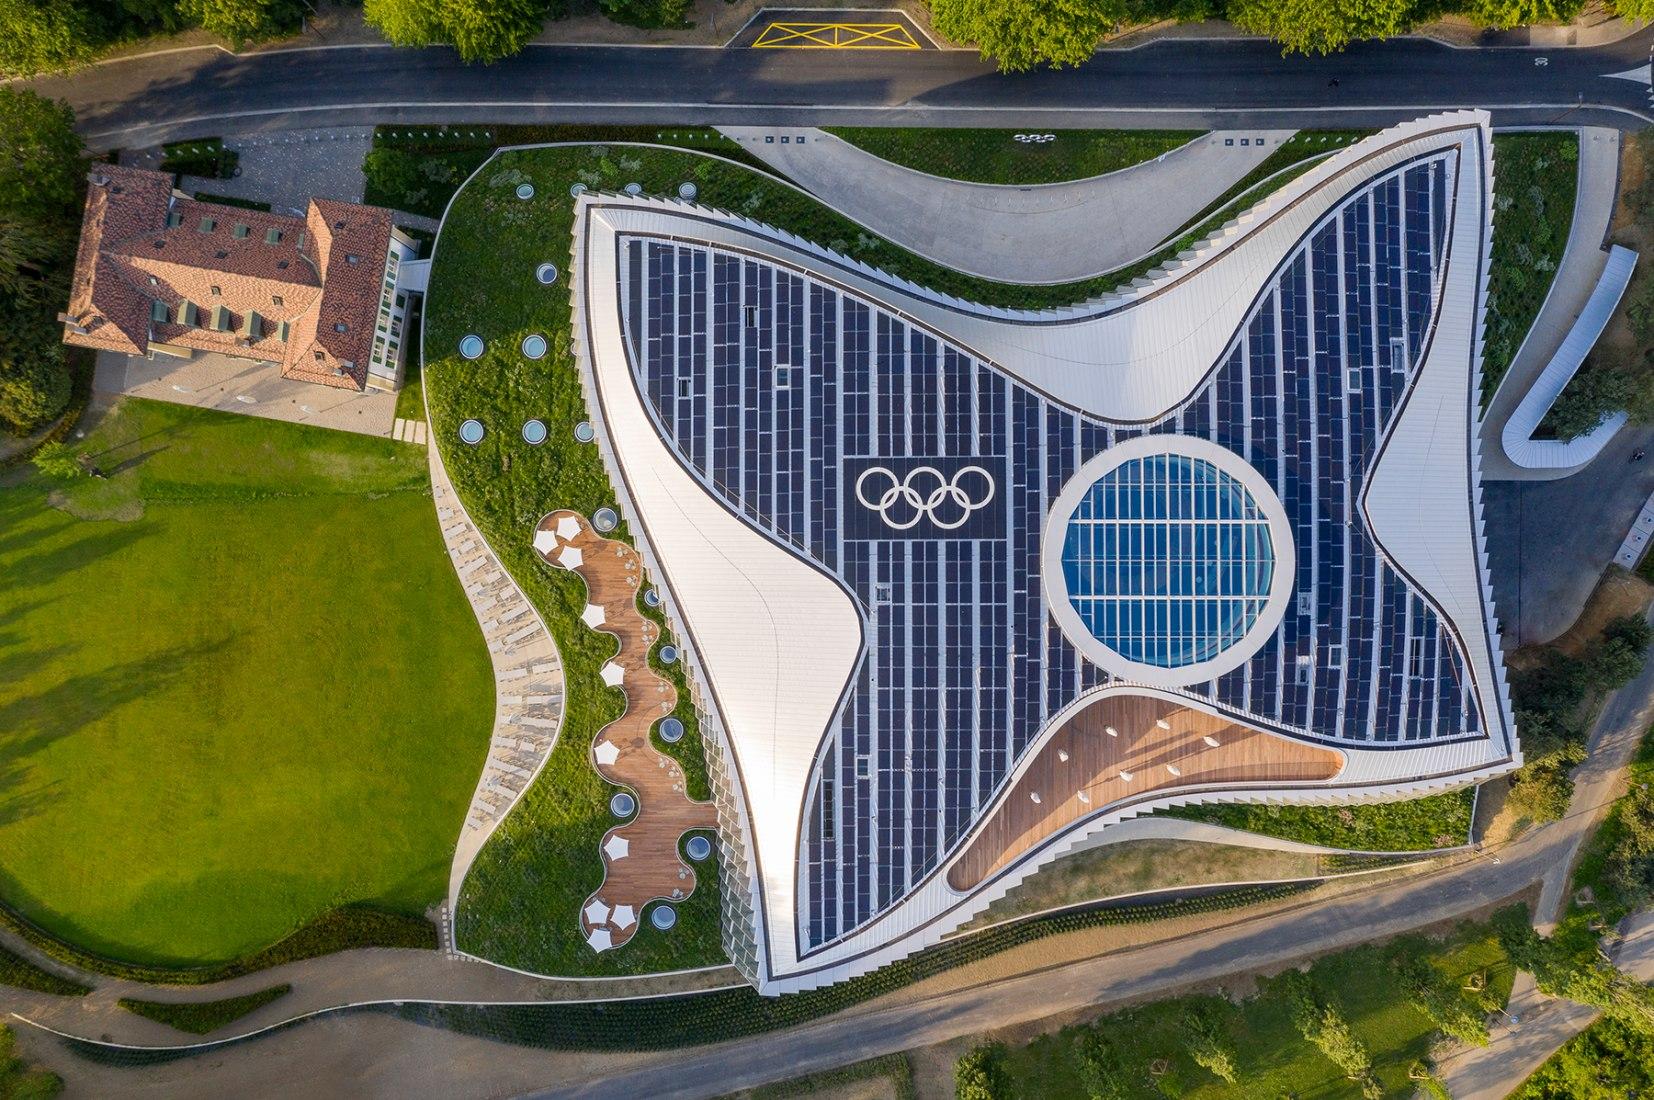 La nueva Casa Olímpica por 3XN en Lausana. Fotografía © 2019 / Comité Olímpico Internacional (COI) / MORK, Adam - Todos los derechos reservados.